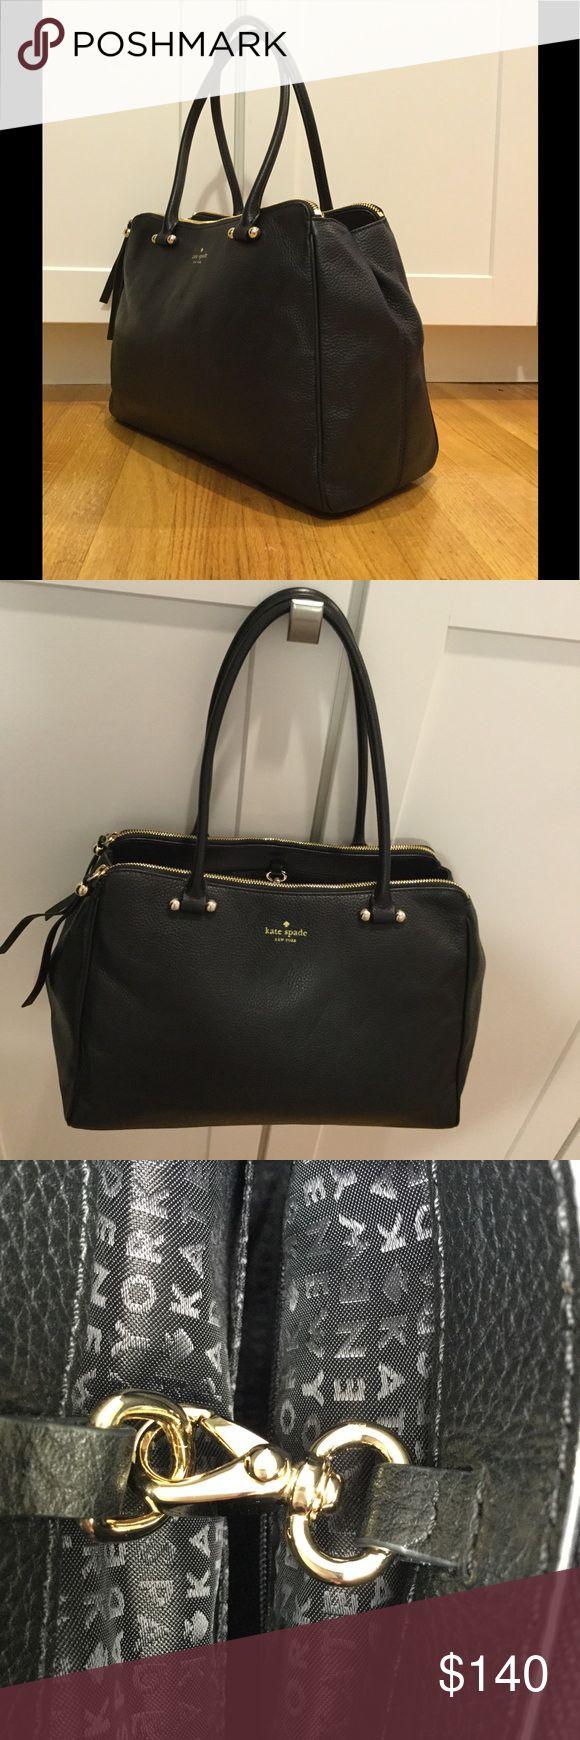 """Kate spade shoulder bag Kate spade large shoulder bag. Black pebble leather. 15"""" s 10"""" x 6"""". Double zipper compartment , I interior zip pocket  and 2 slide pocket. Unused,from a KS sample sale kate spade Bags Shoulder Bags"""